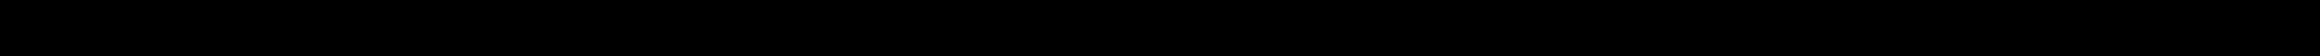 RIDEX 7O0005, 7O0005, 7O0005, 7O0005, 7O0005 Filtr oleju